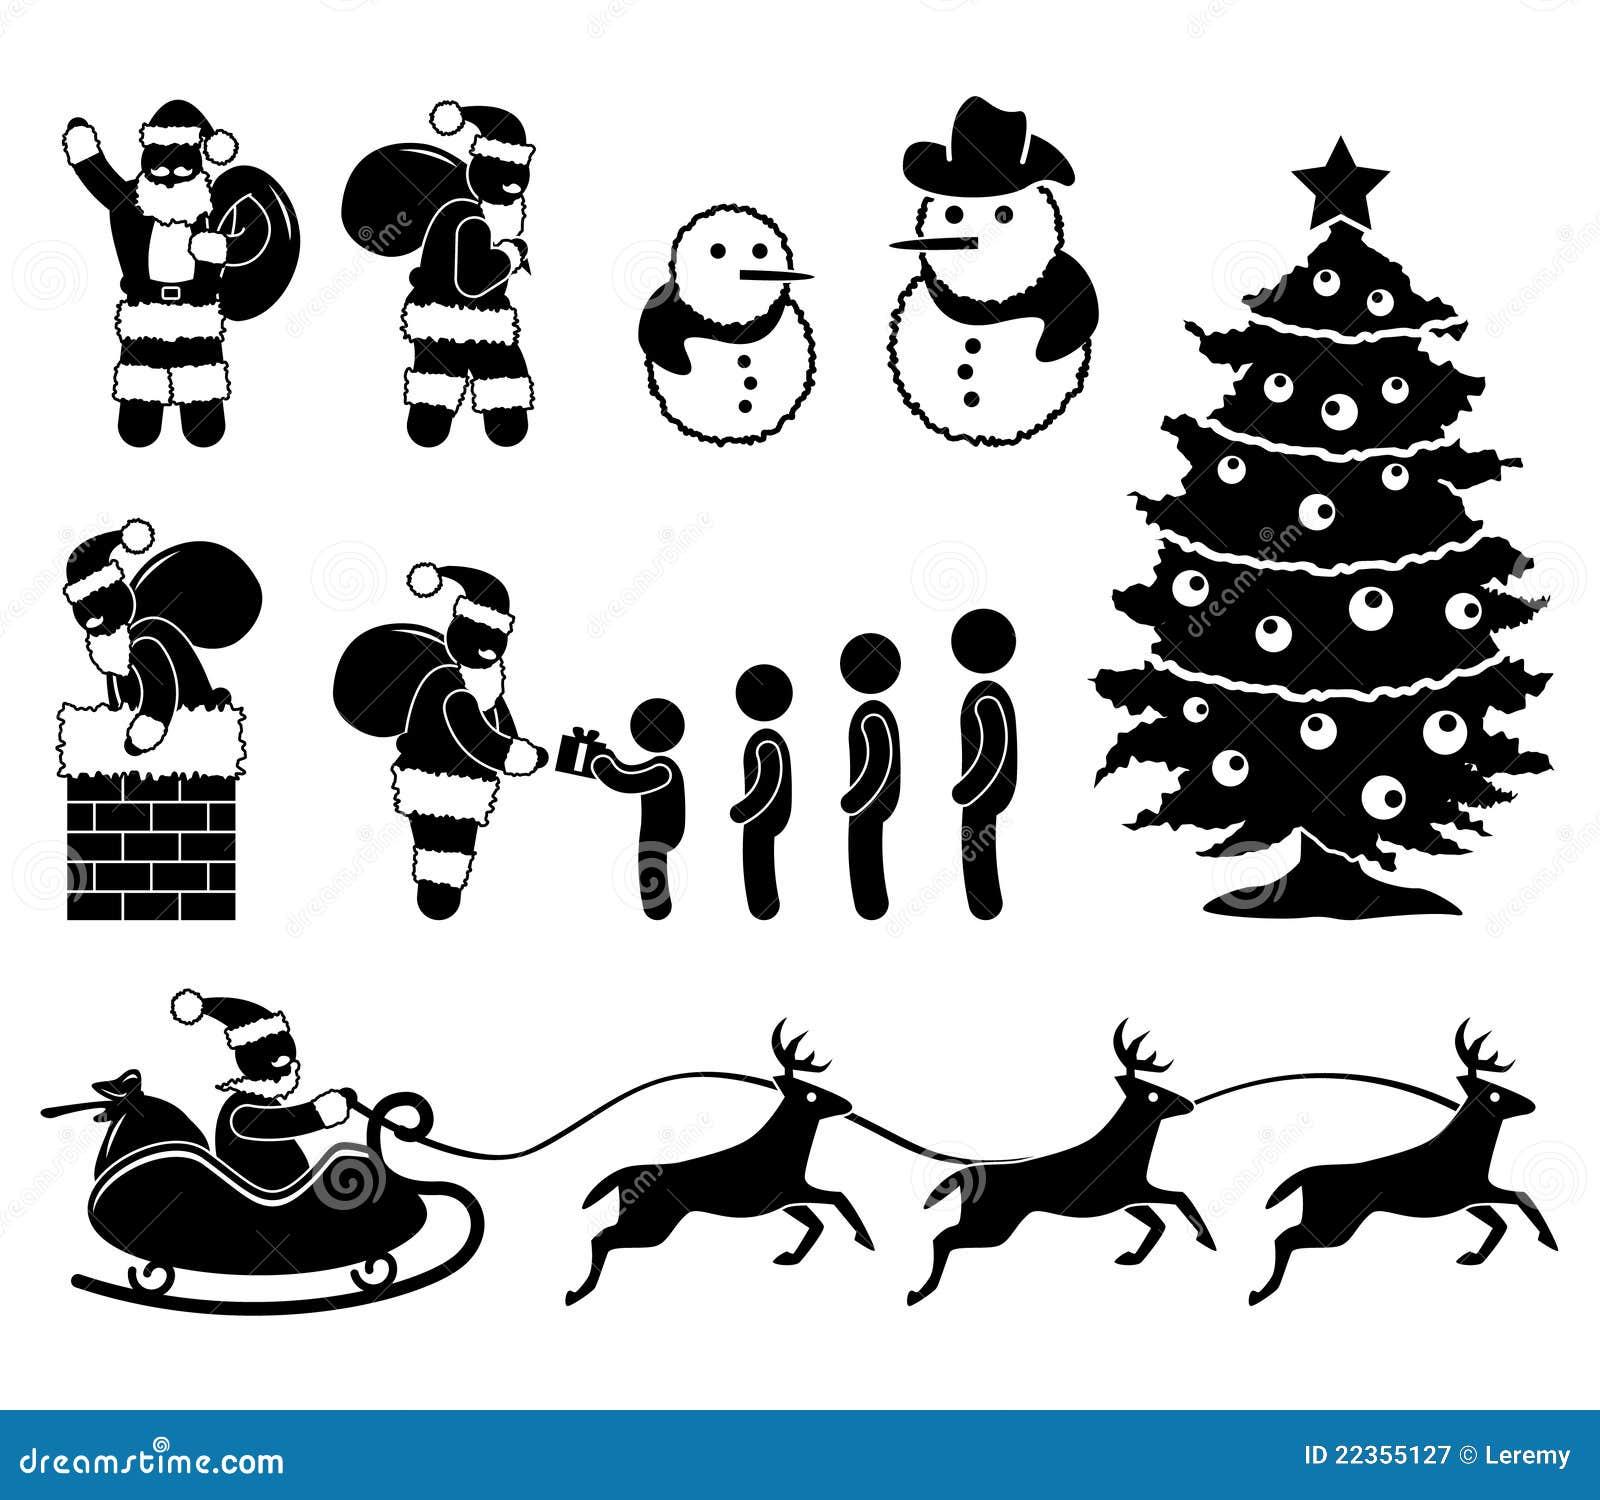 weihnachtsweihnachtsmann ren piktogramm vektor abbildung. Black Bedroom Furniture Sets. Home Design Ideas